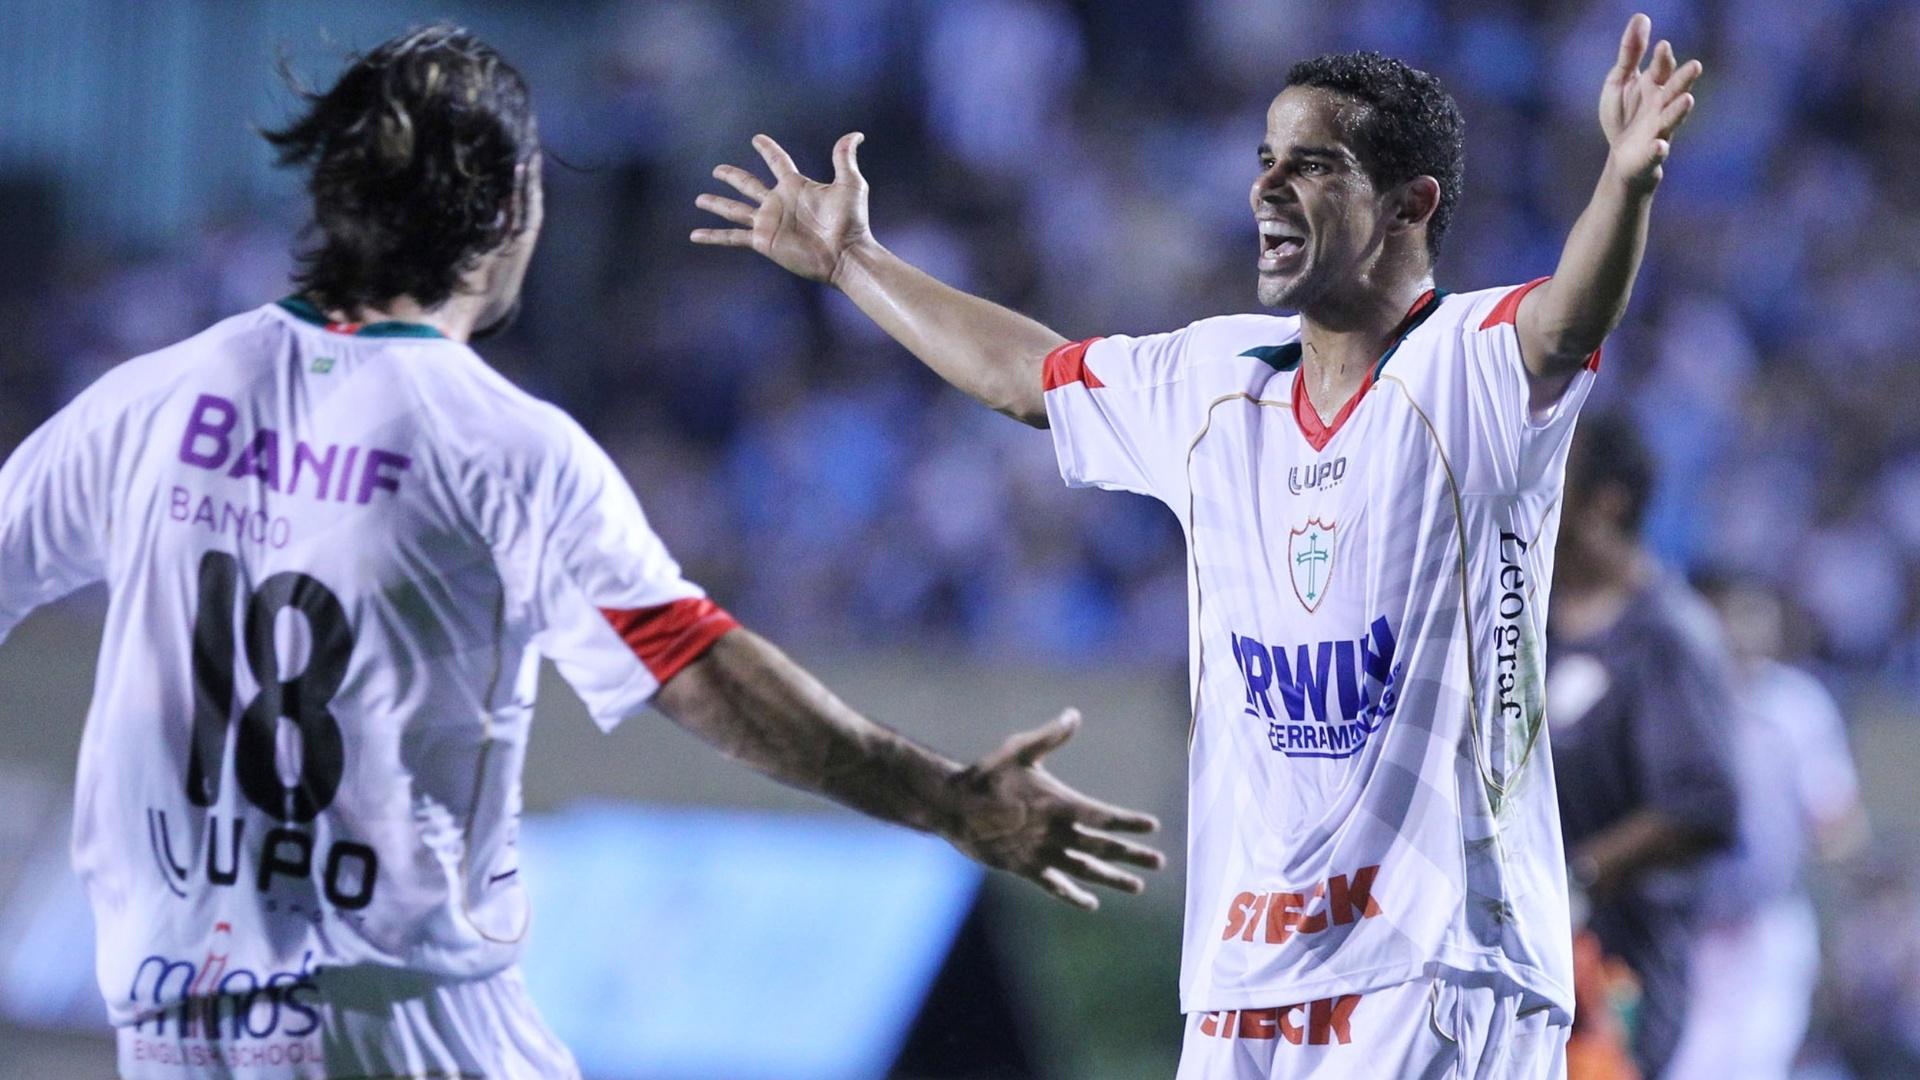 Jogadores da Portuguesa comemoram gol marcado contra o Grêmio